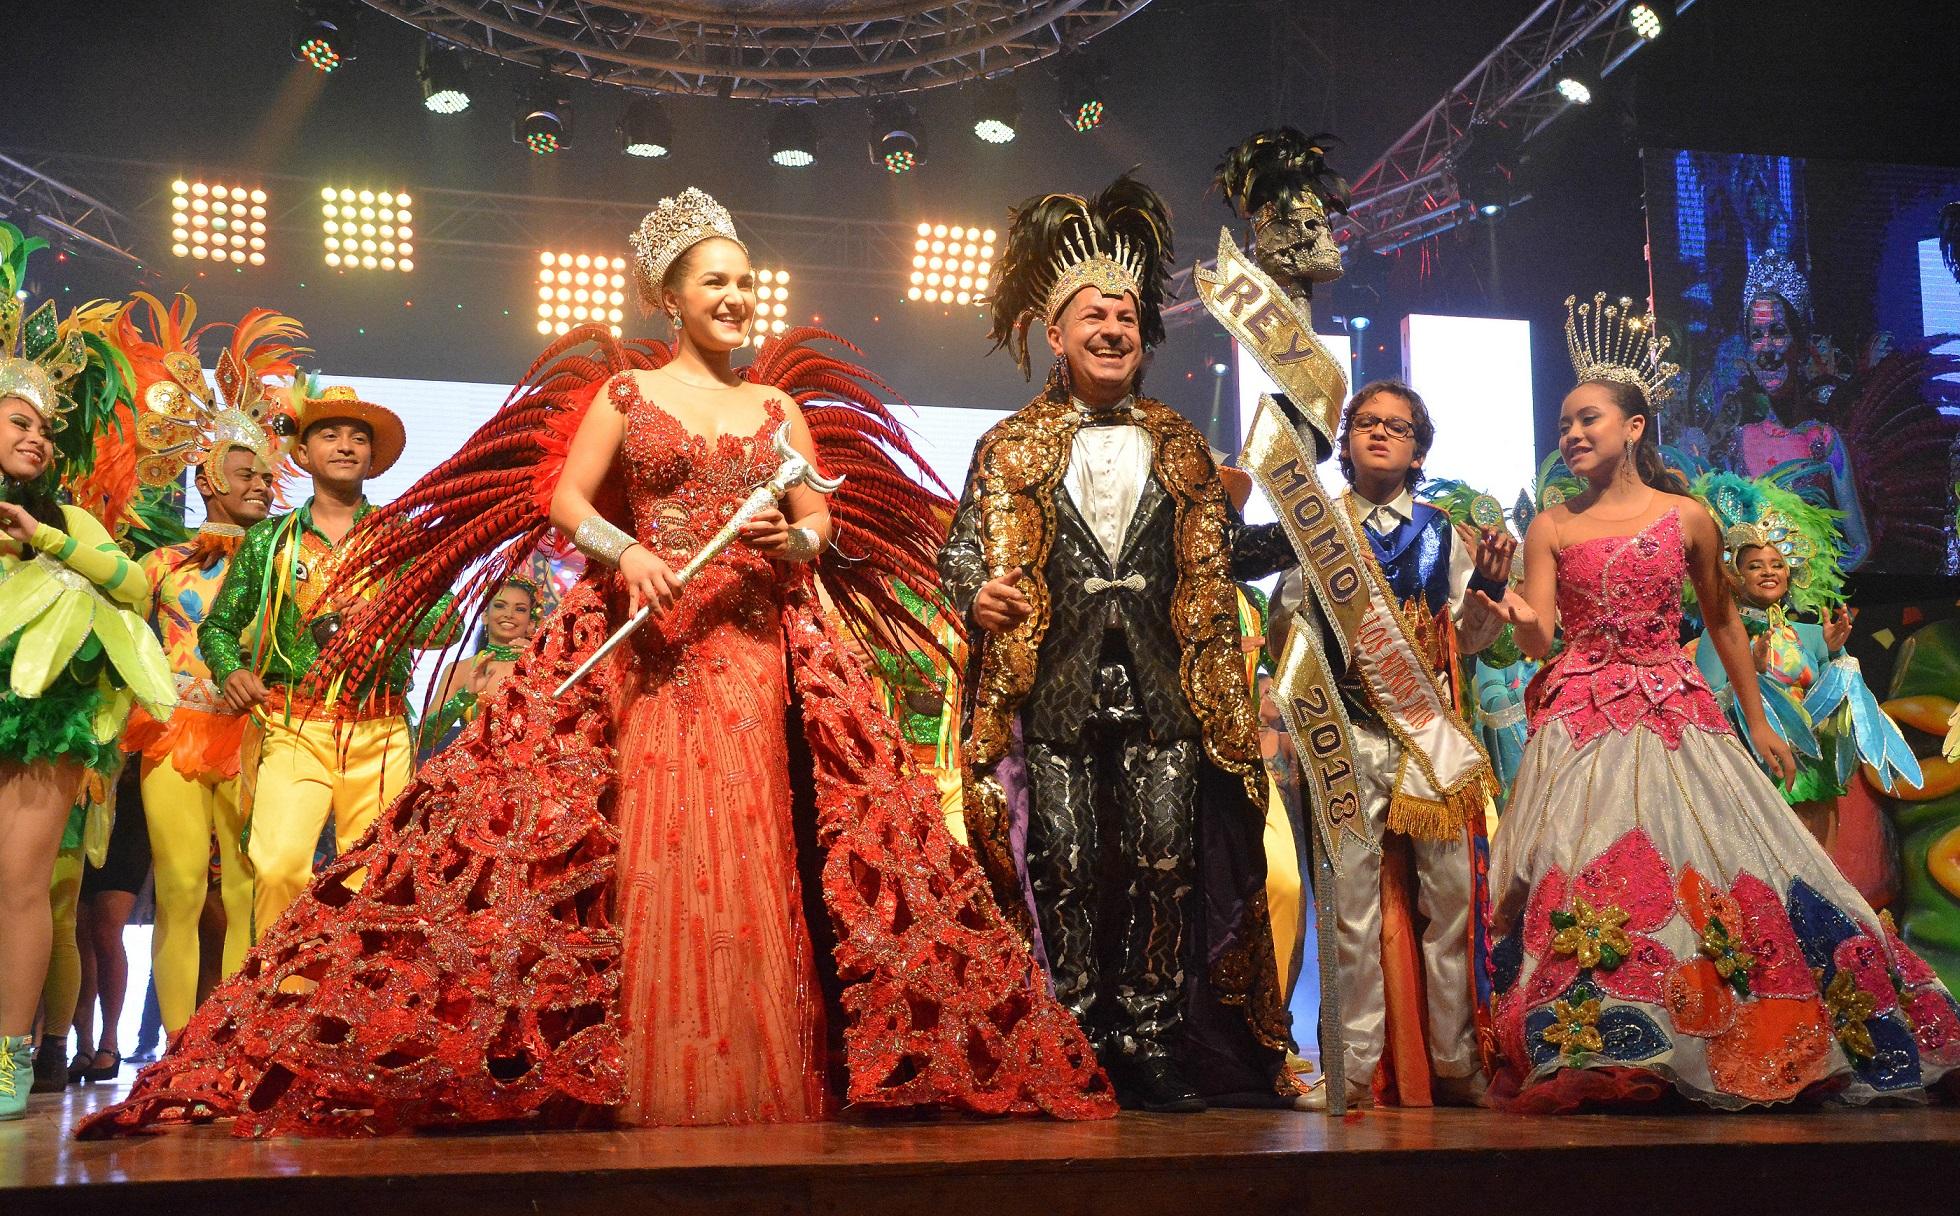 Histórica velada para premiar el folclor y la tradición: Noche de los Mejores del Carnaval 2018